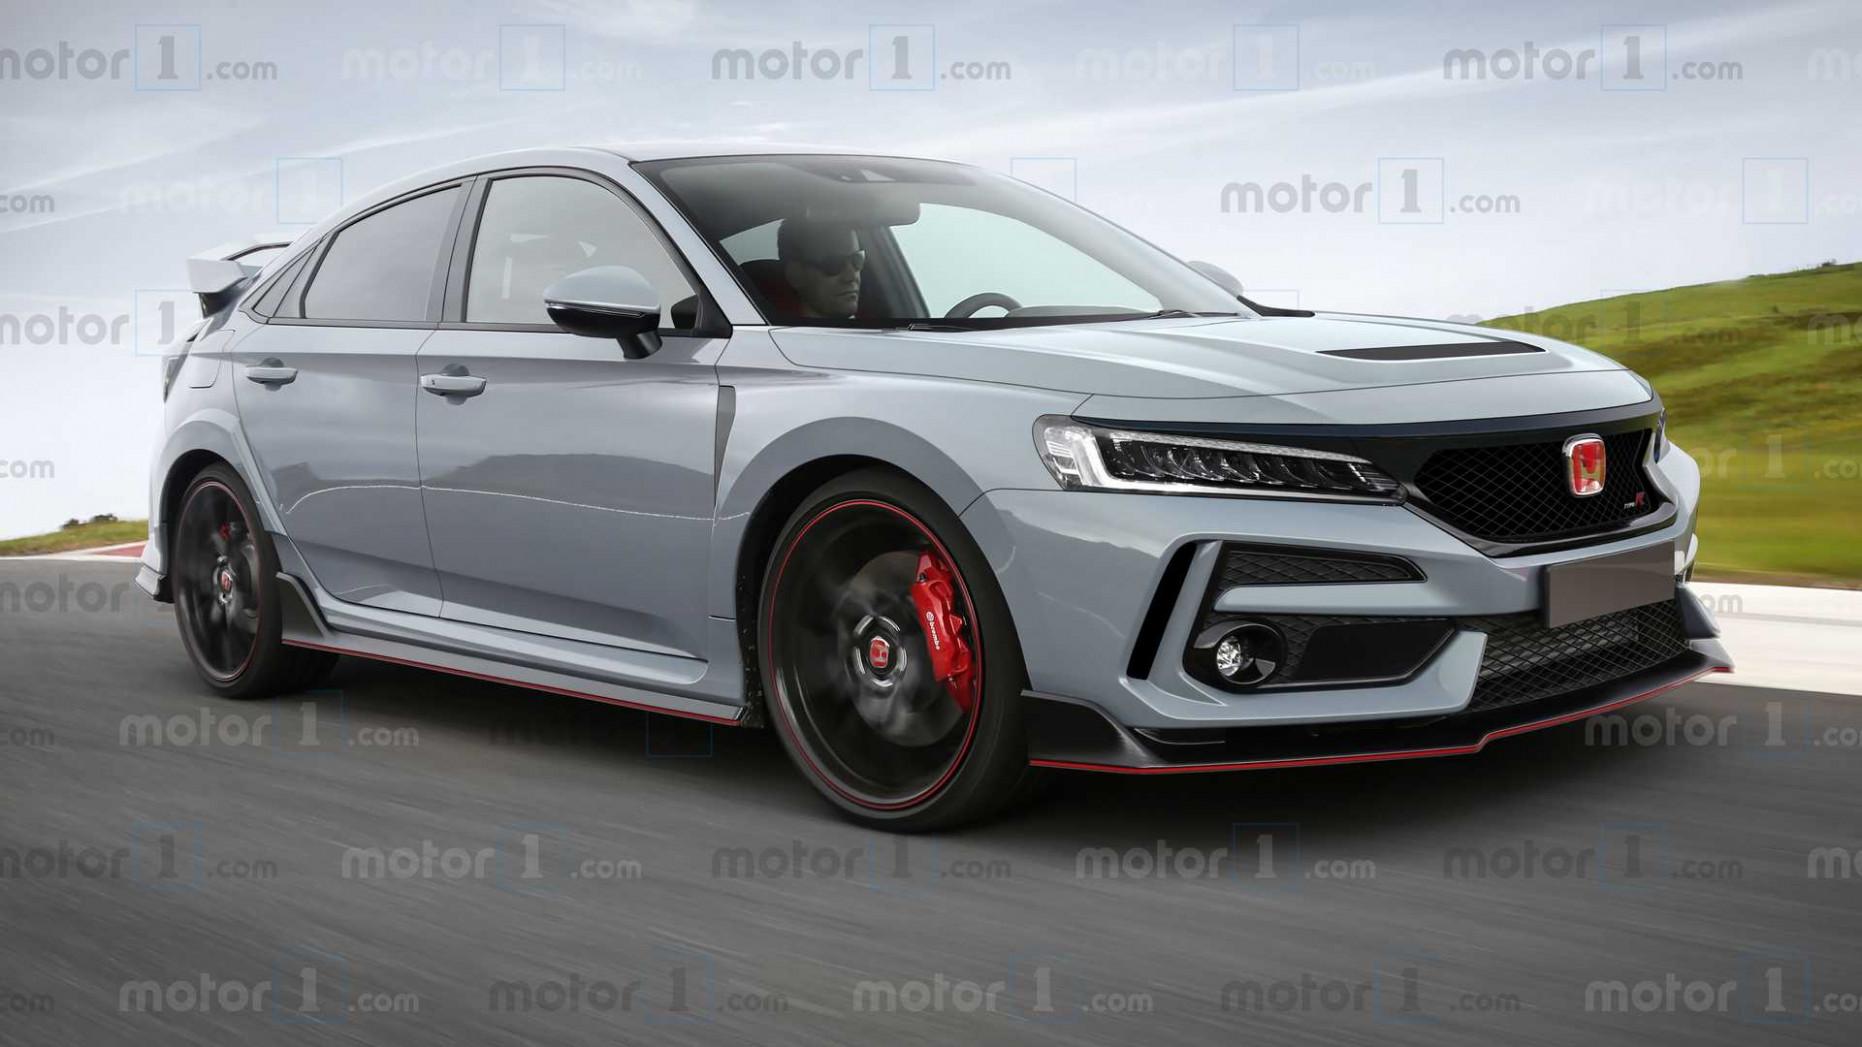 Spy Shoot 2022 Honda Civic Si